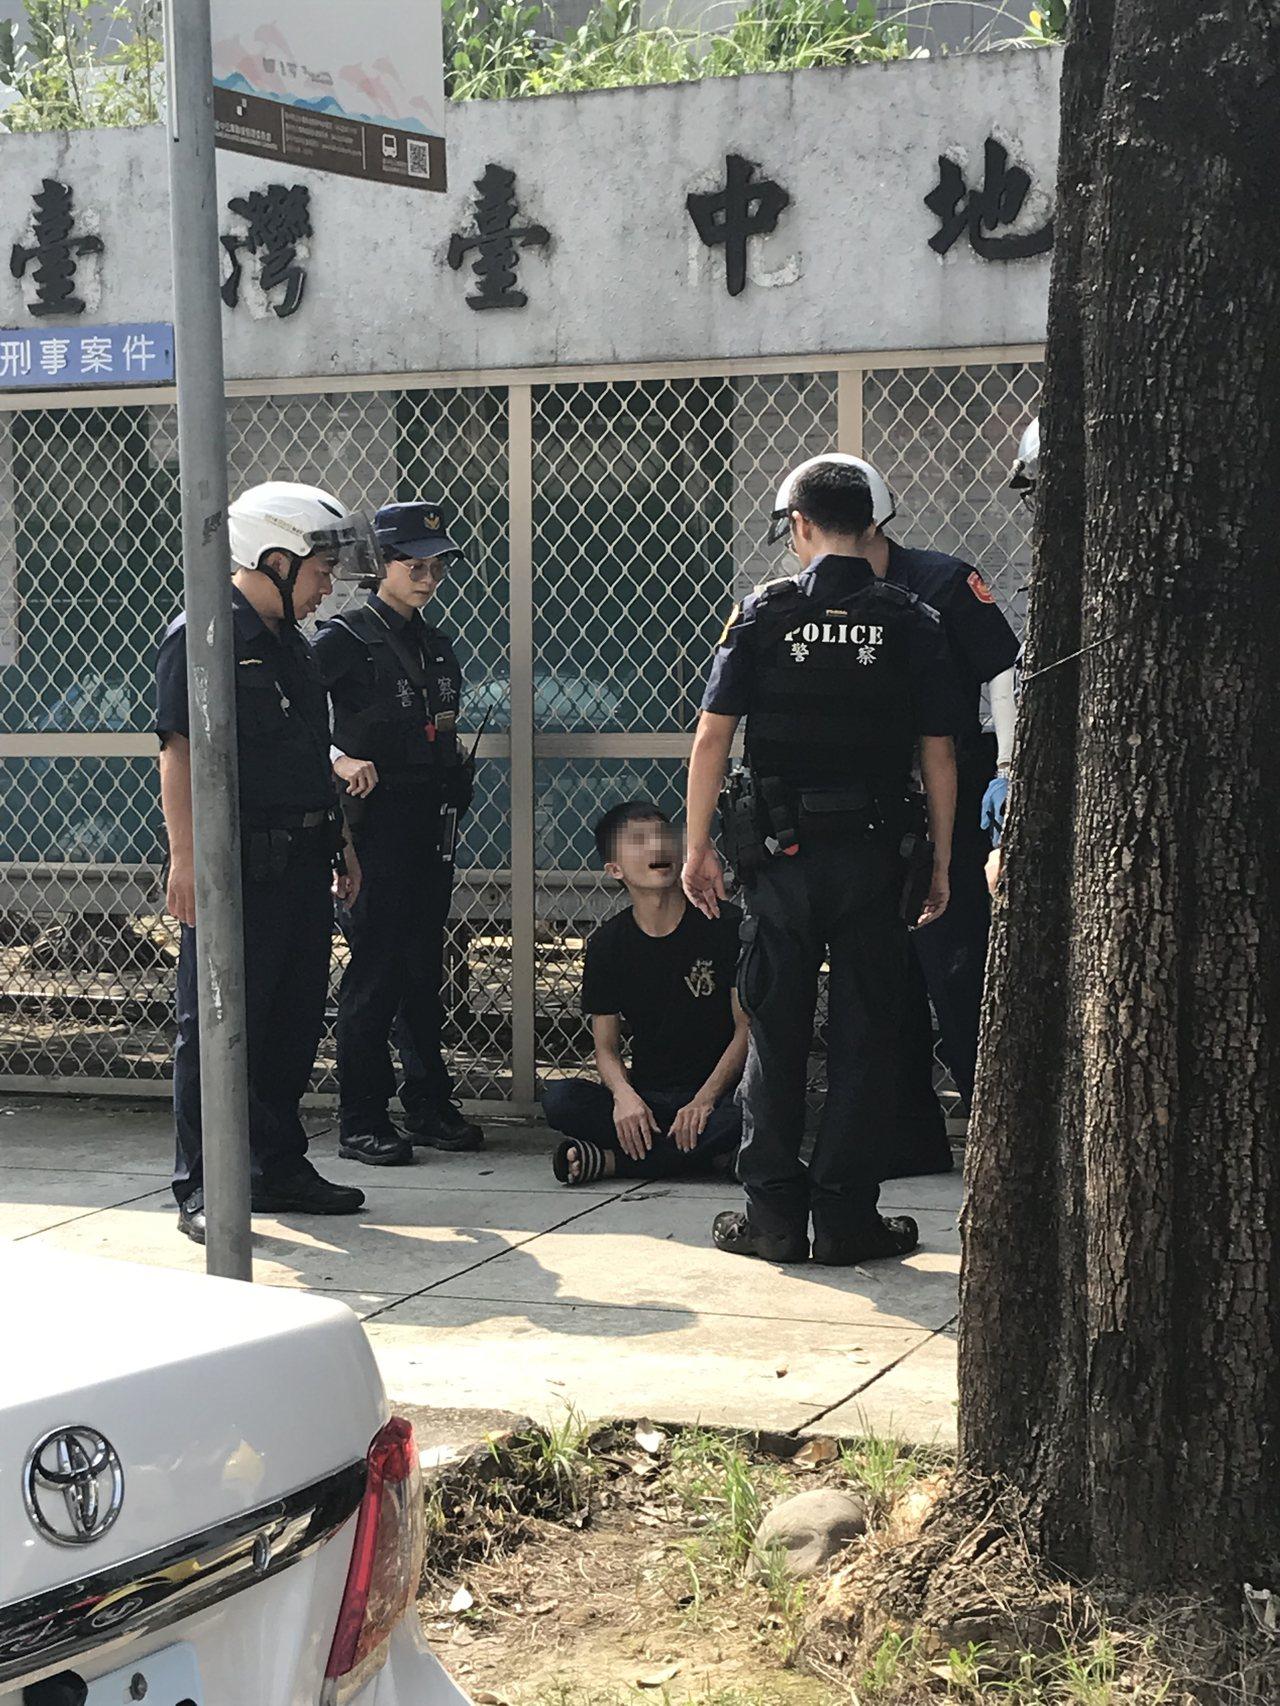 許男(坐者)送友人到地院報到,自己卻涉嫌吸毒遭警攔查逮捕。記者林佩均/攝影